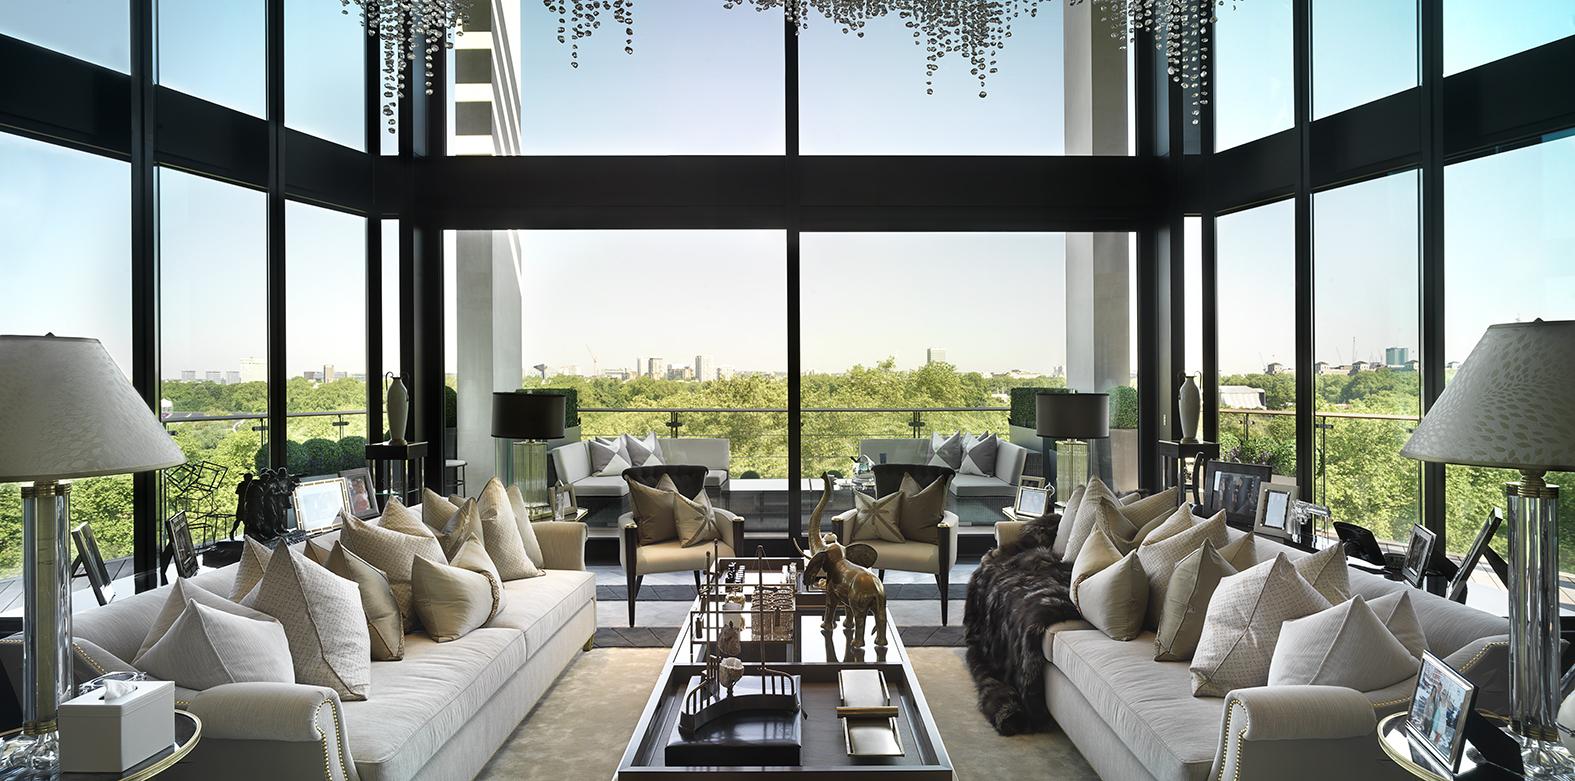 Hyde park penthouse